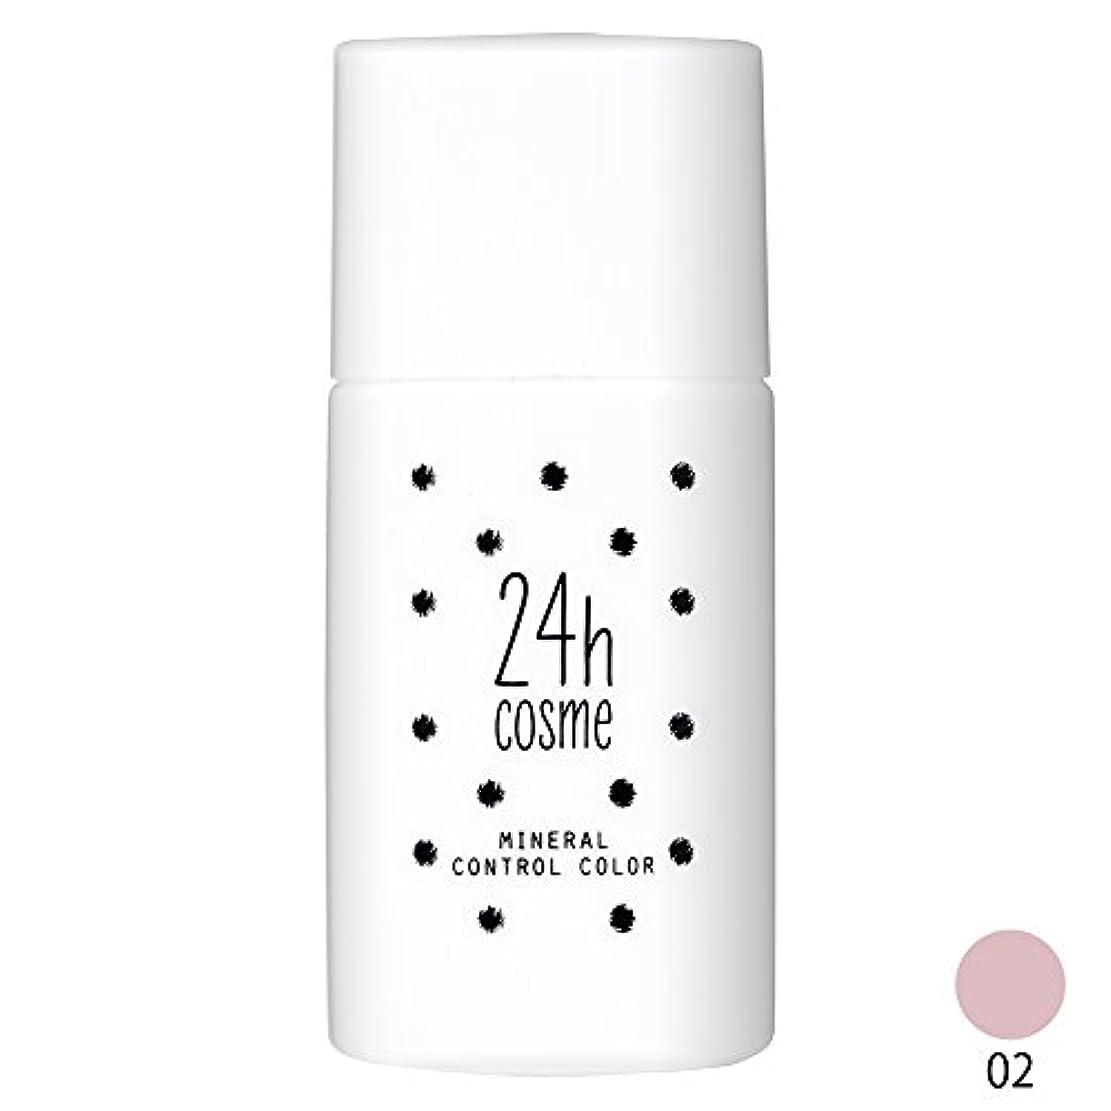 音節弱める減らす24h cosme 24 コントロールベースカラー 02クリアバイオレット 肌に優しい化粧下地 20ml